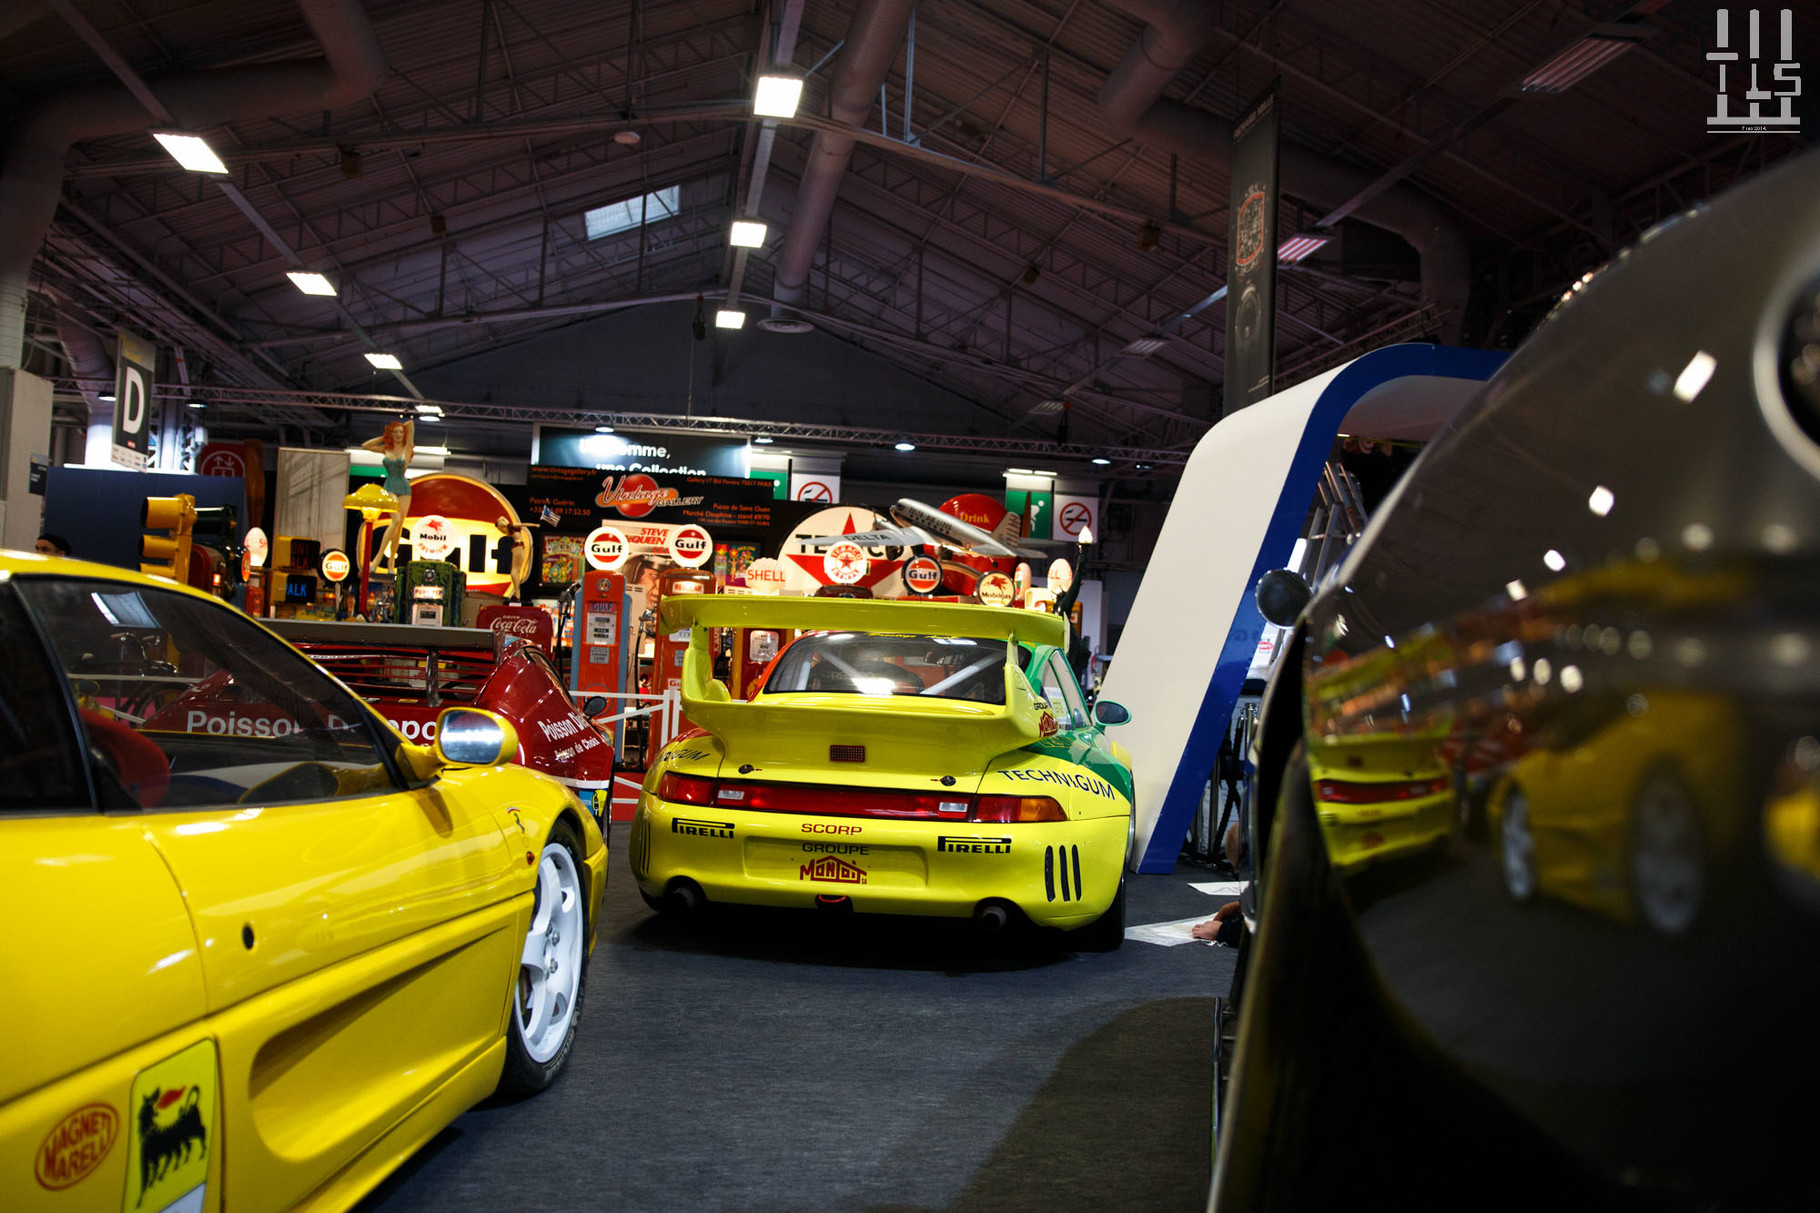 Porsche 993  GT2 Evo : estimée entre 550 000 et 750 000 euros, invendue.